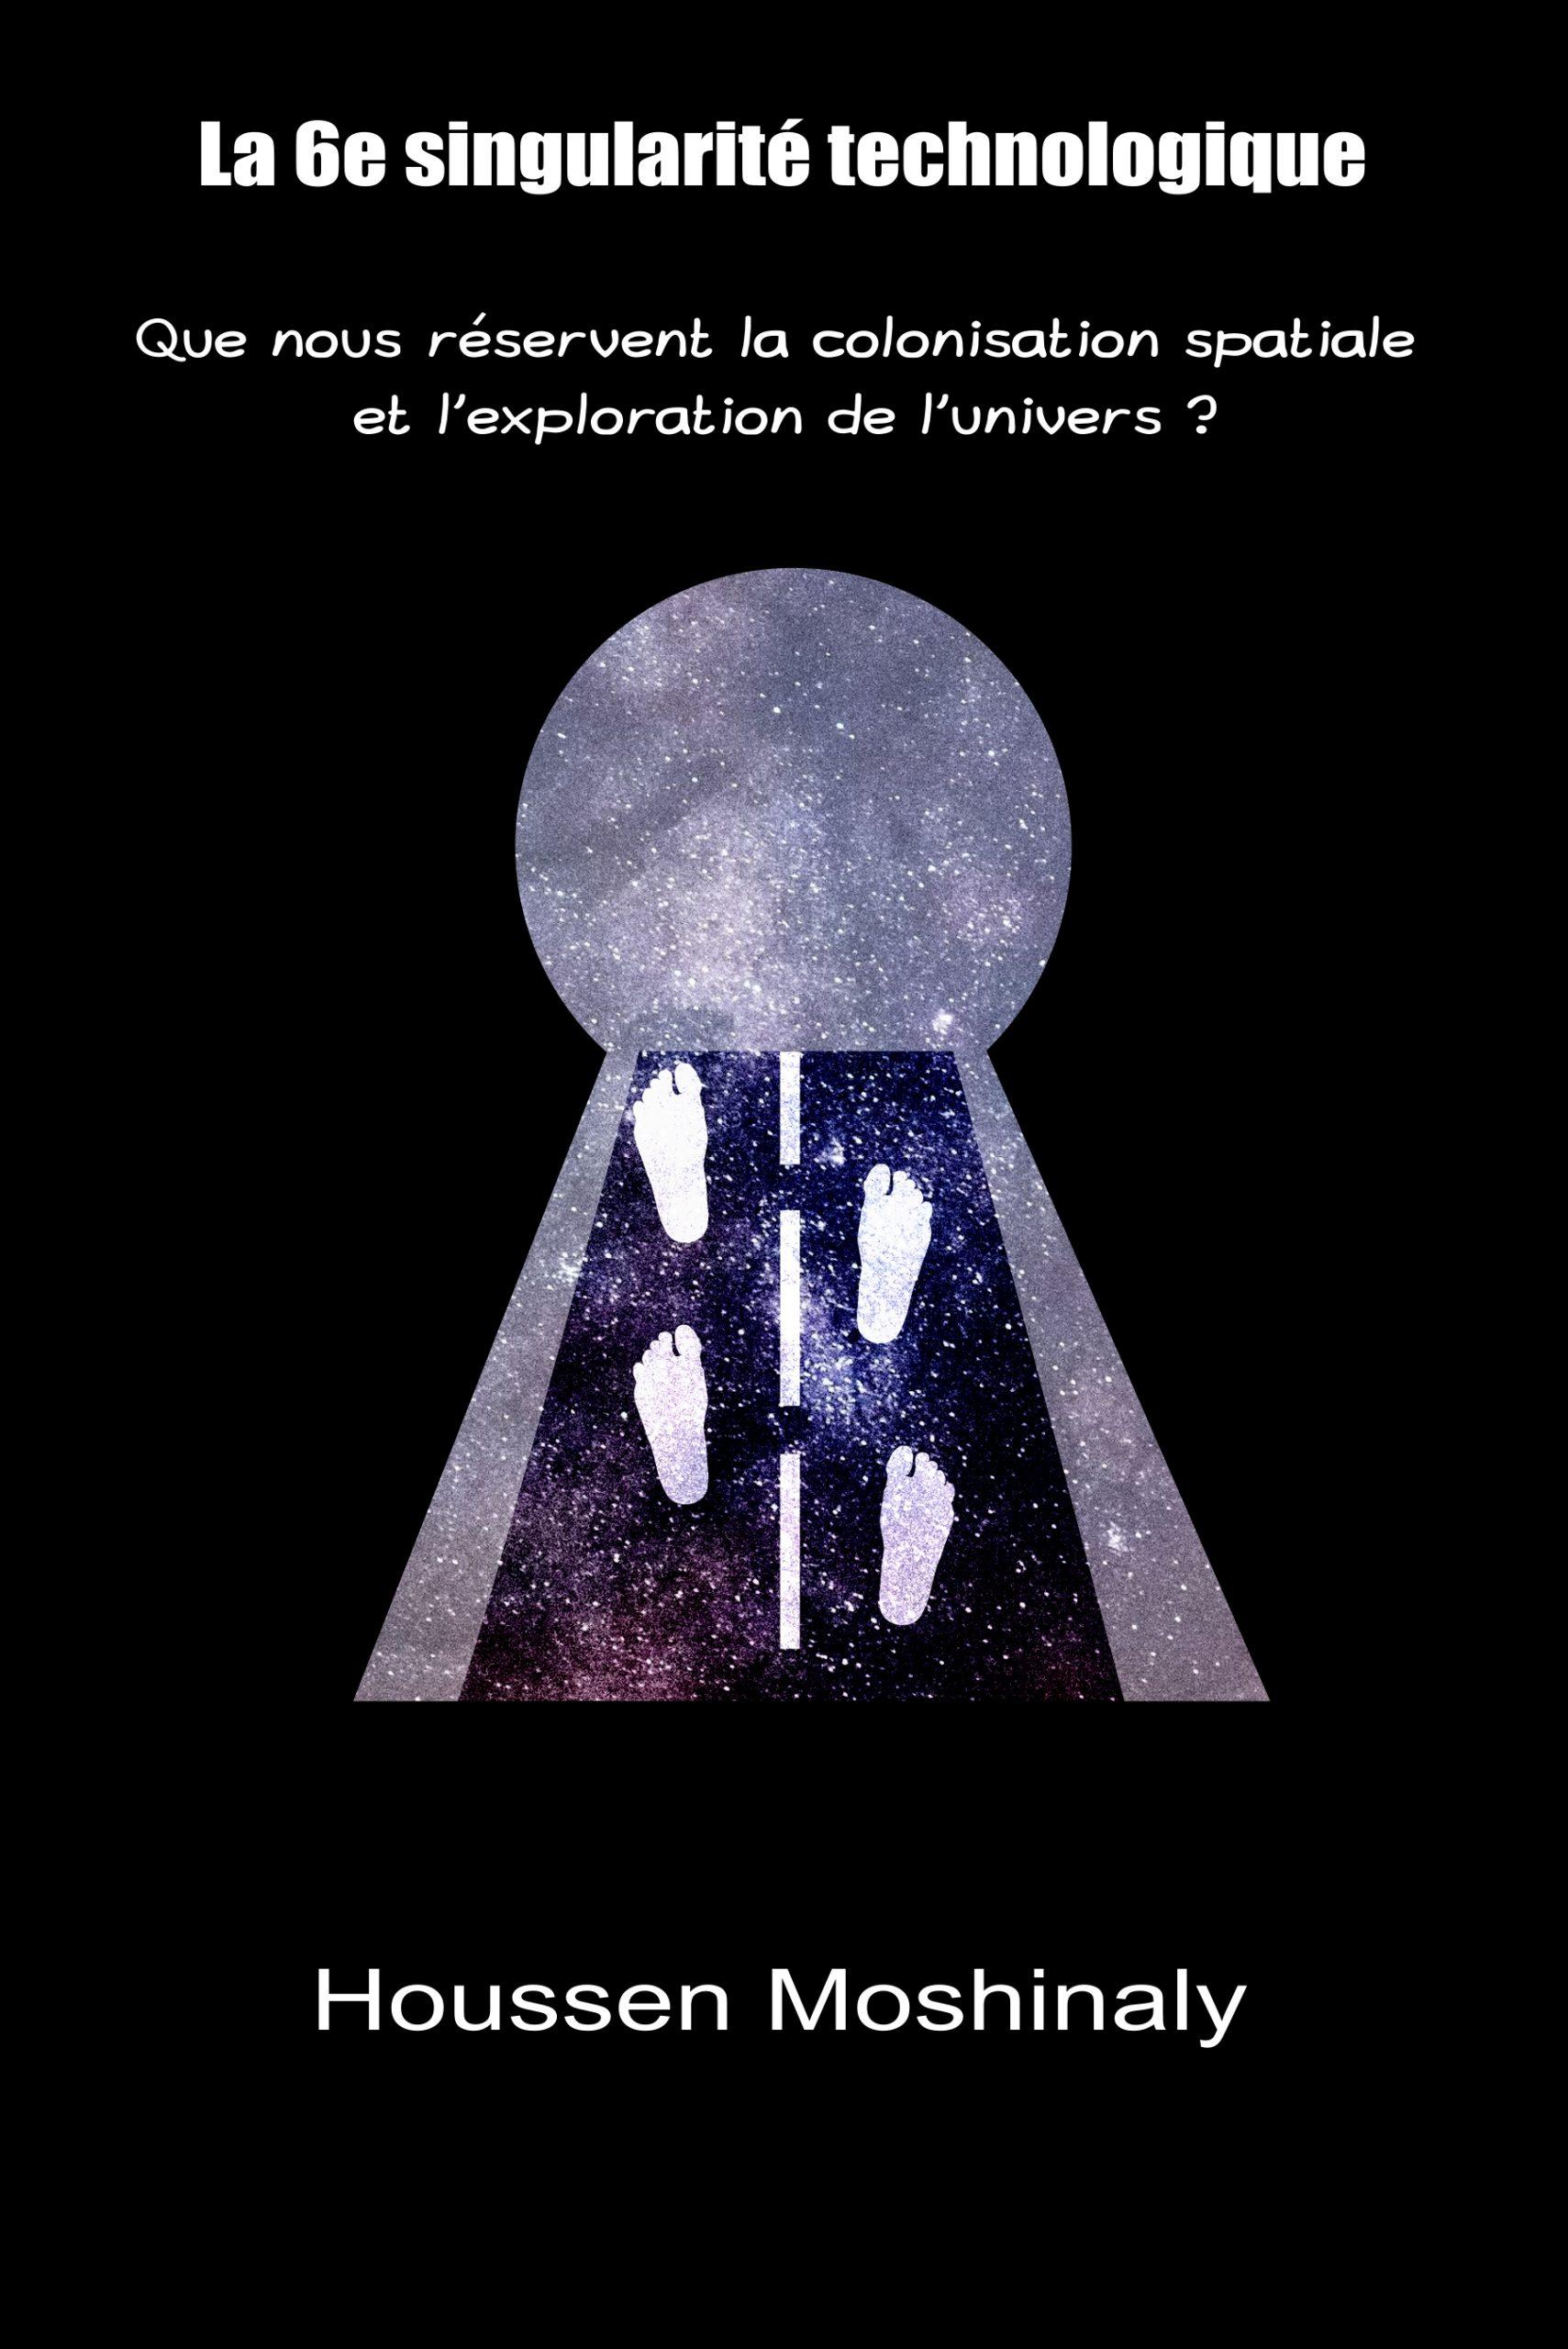 """Mon 6e livre, """"La 6e singularité technologique"""", est disponible. Au menu, colonisation spatiale et exploration de l'univers."""